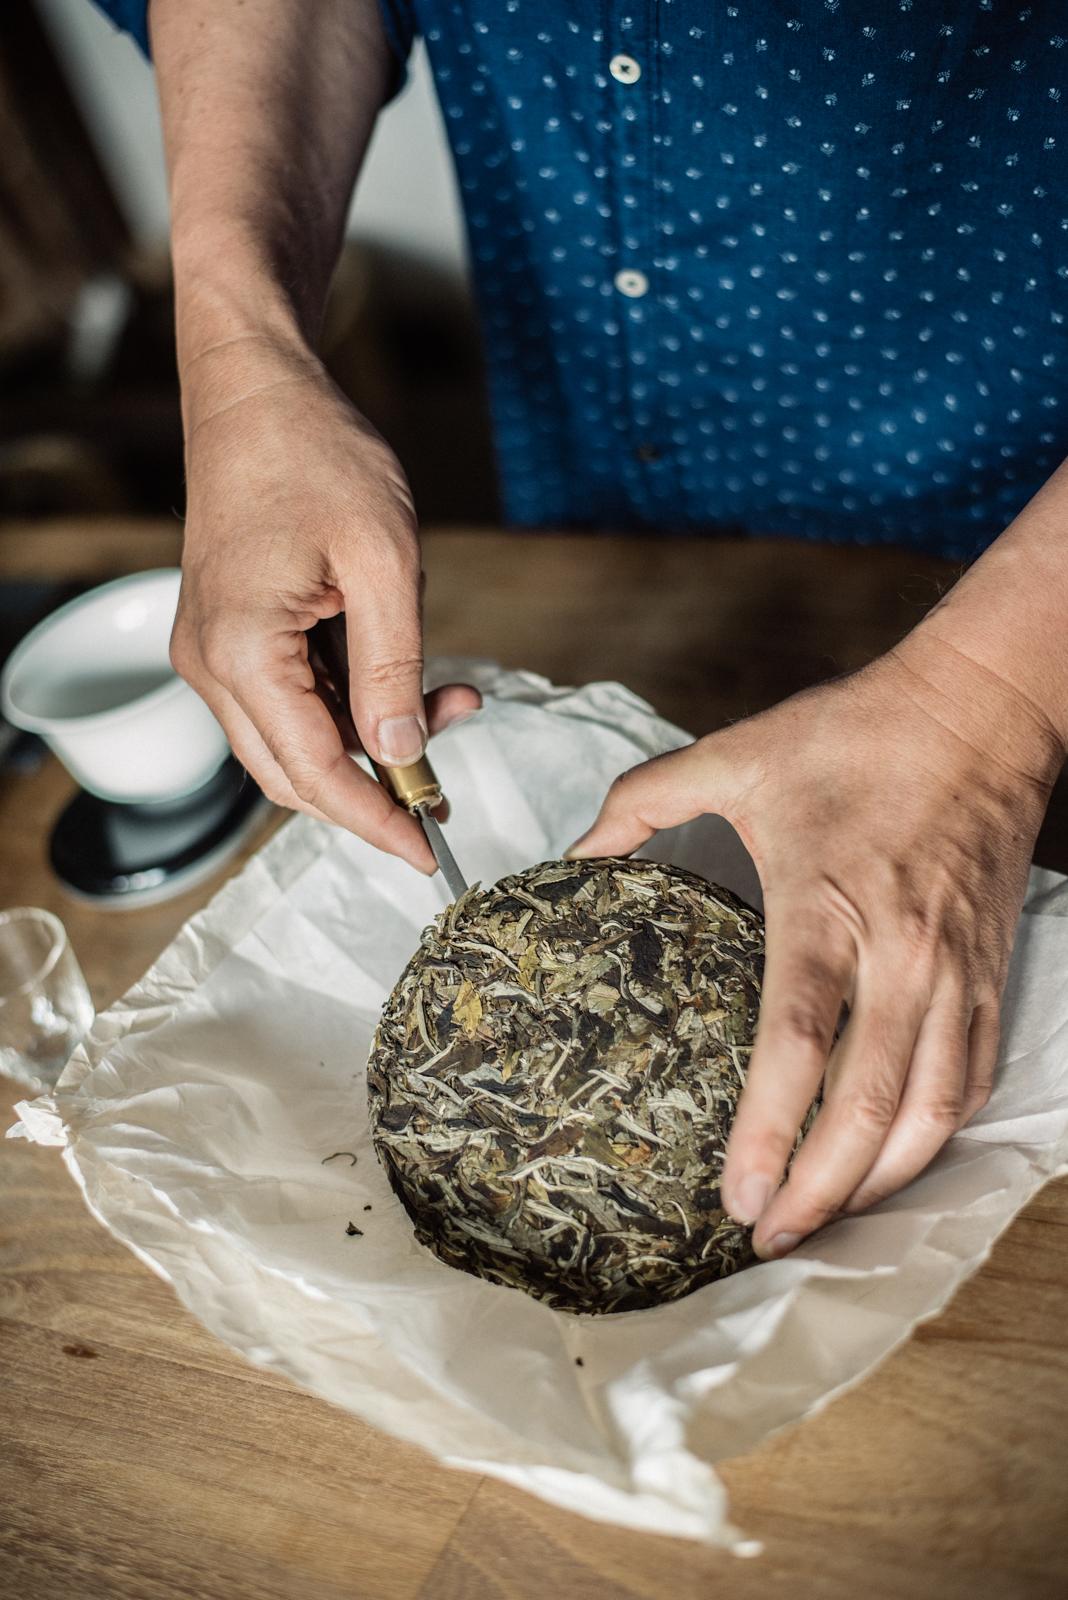 9. kép: Többszáz éves Puerh teakorong kóstolóra